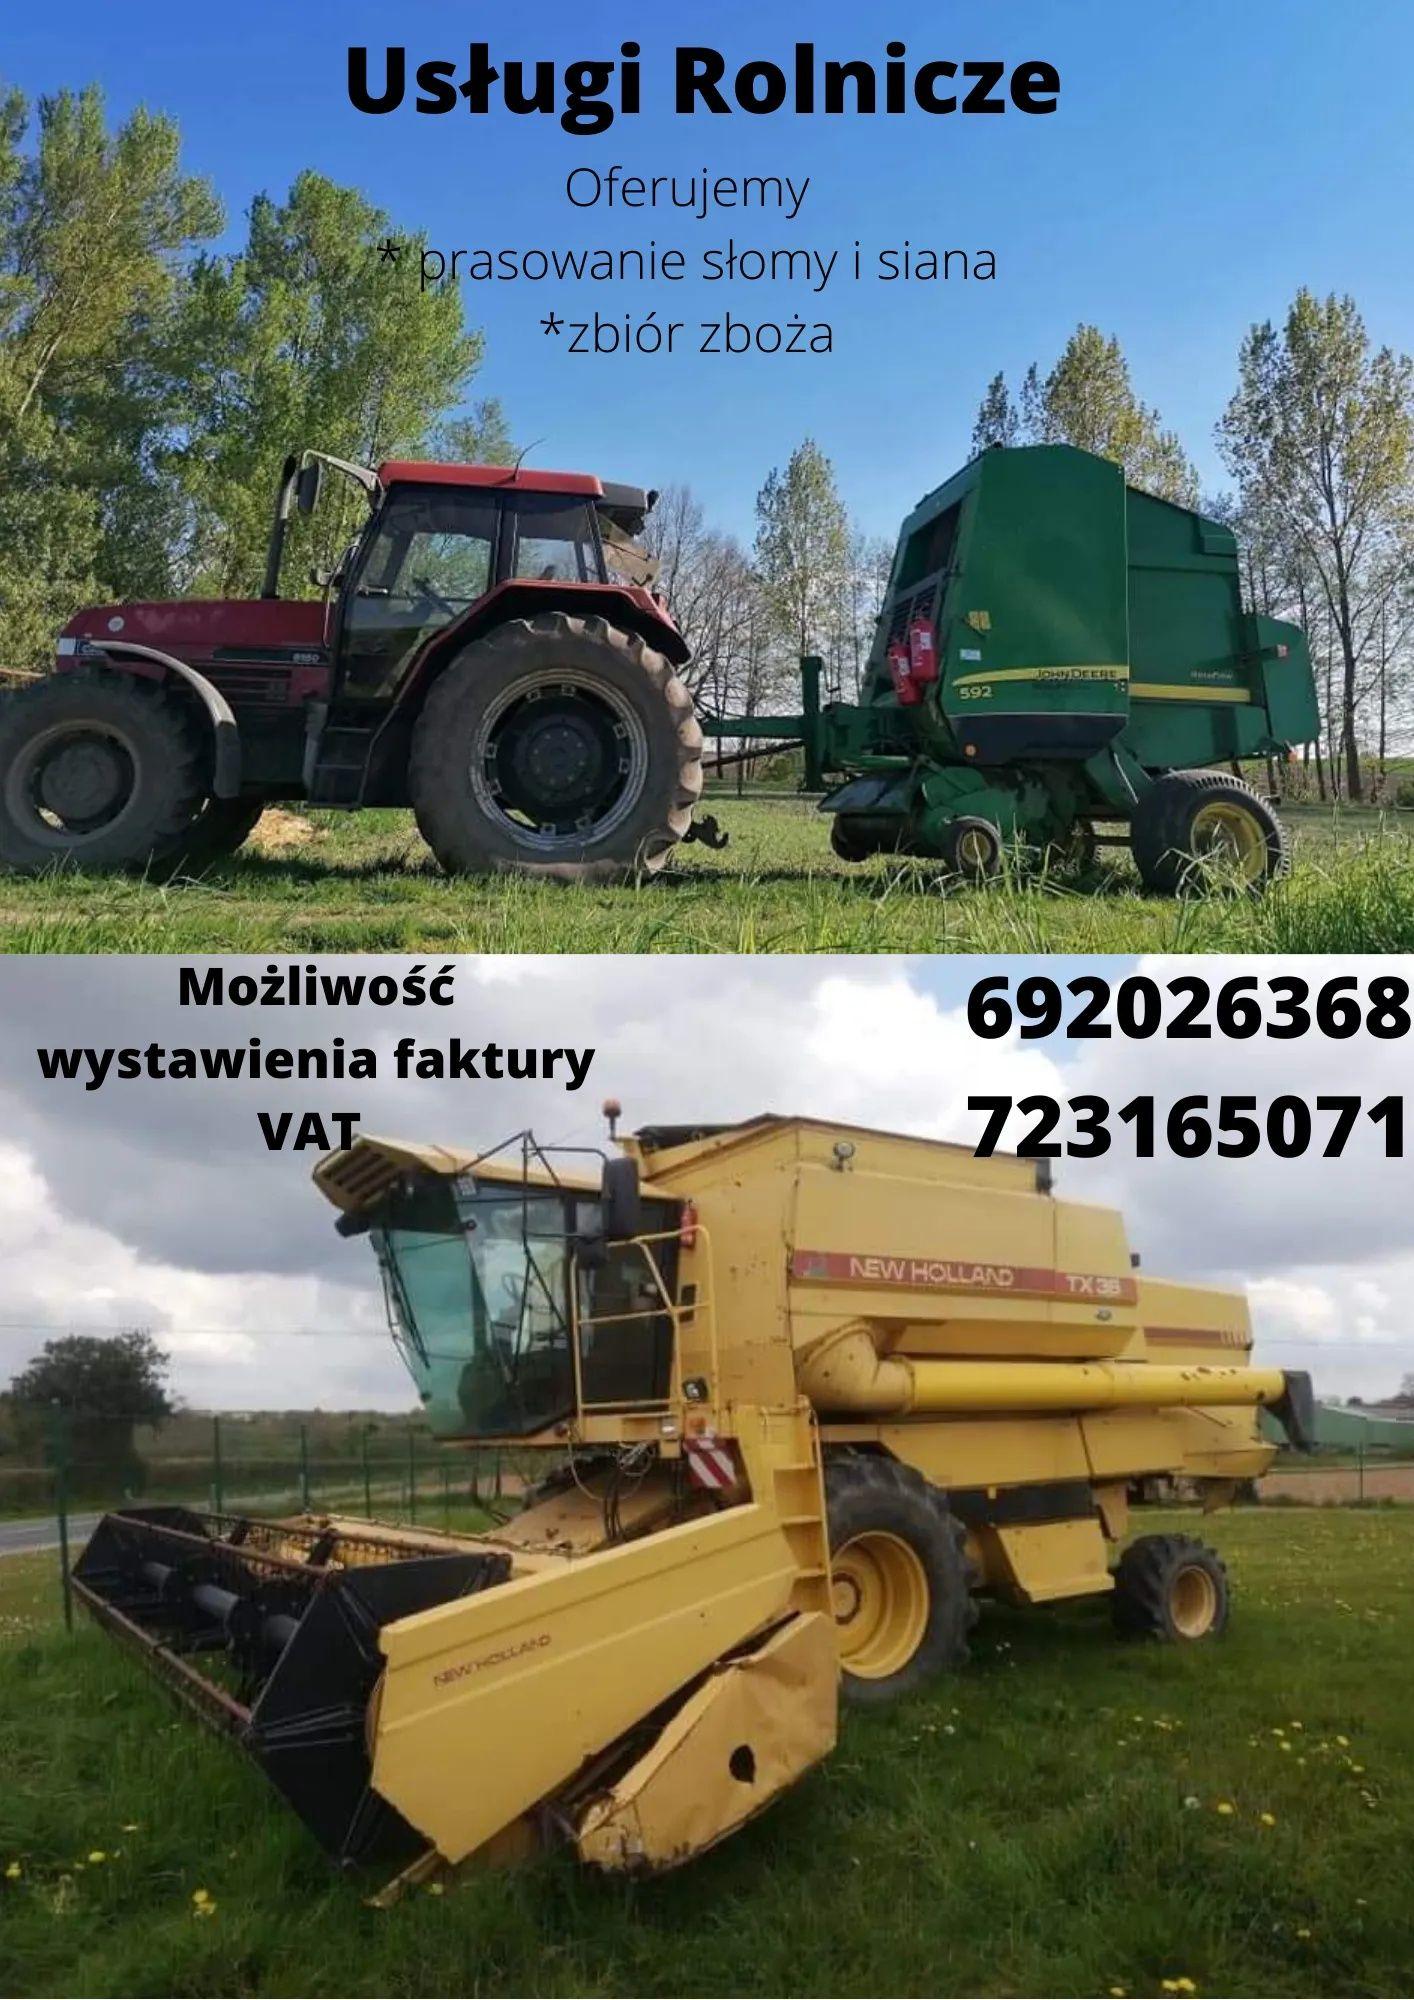 Usługi rolnicze prasowanie, zbiór zbóż Faktura VAT